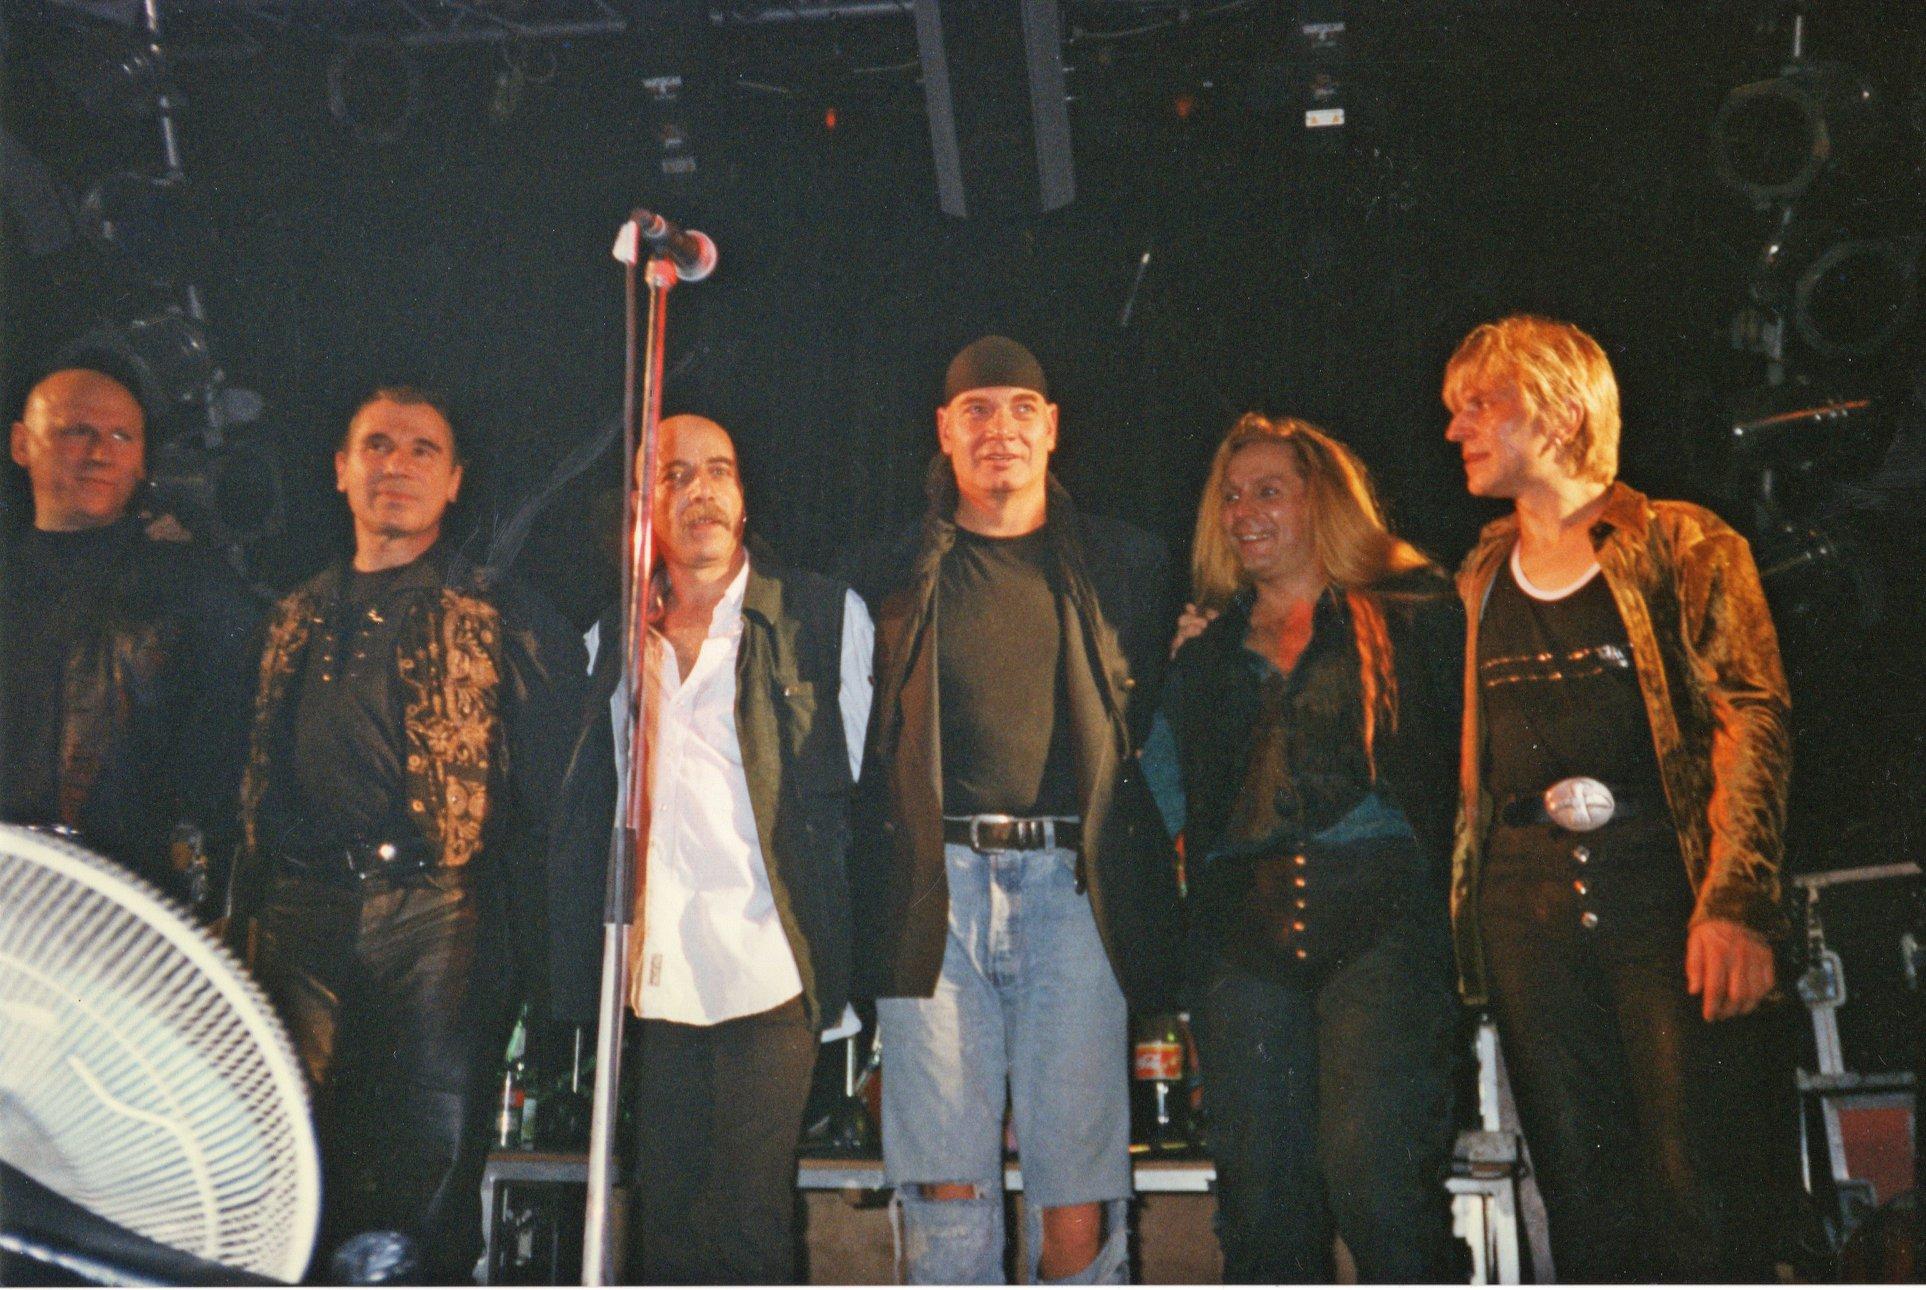 Tour d'Amour - Das Beste von CITY & SILLY, 22.11.97 im Capitol Halle (Foto: Uwe Hassbecker, Privatarchiv, mit Dank)